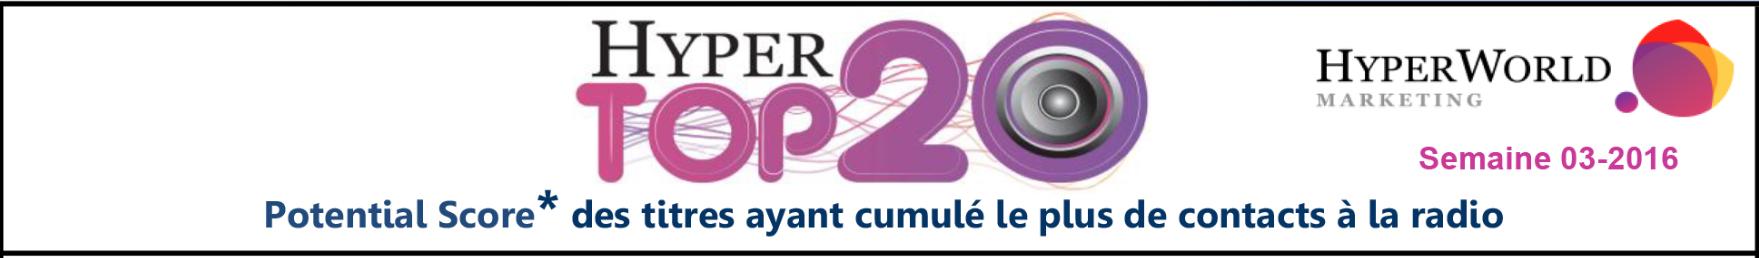 Le Mag 75 - HyperTop20 - Semaine 03-2016. Le dessous des cartes de Yacast